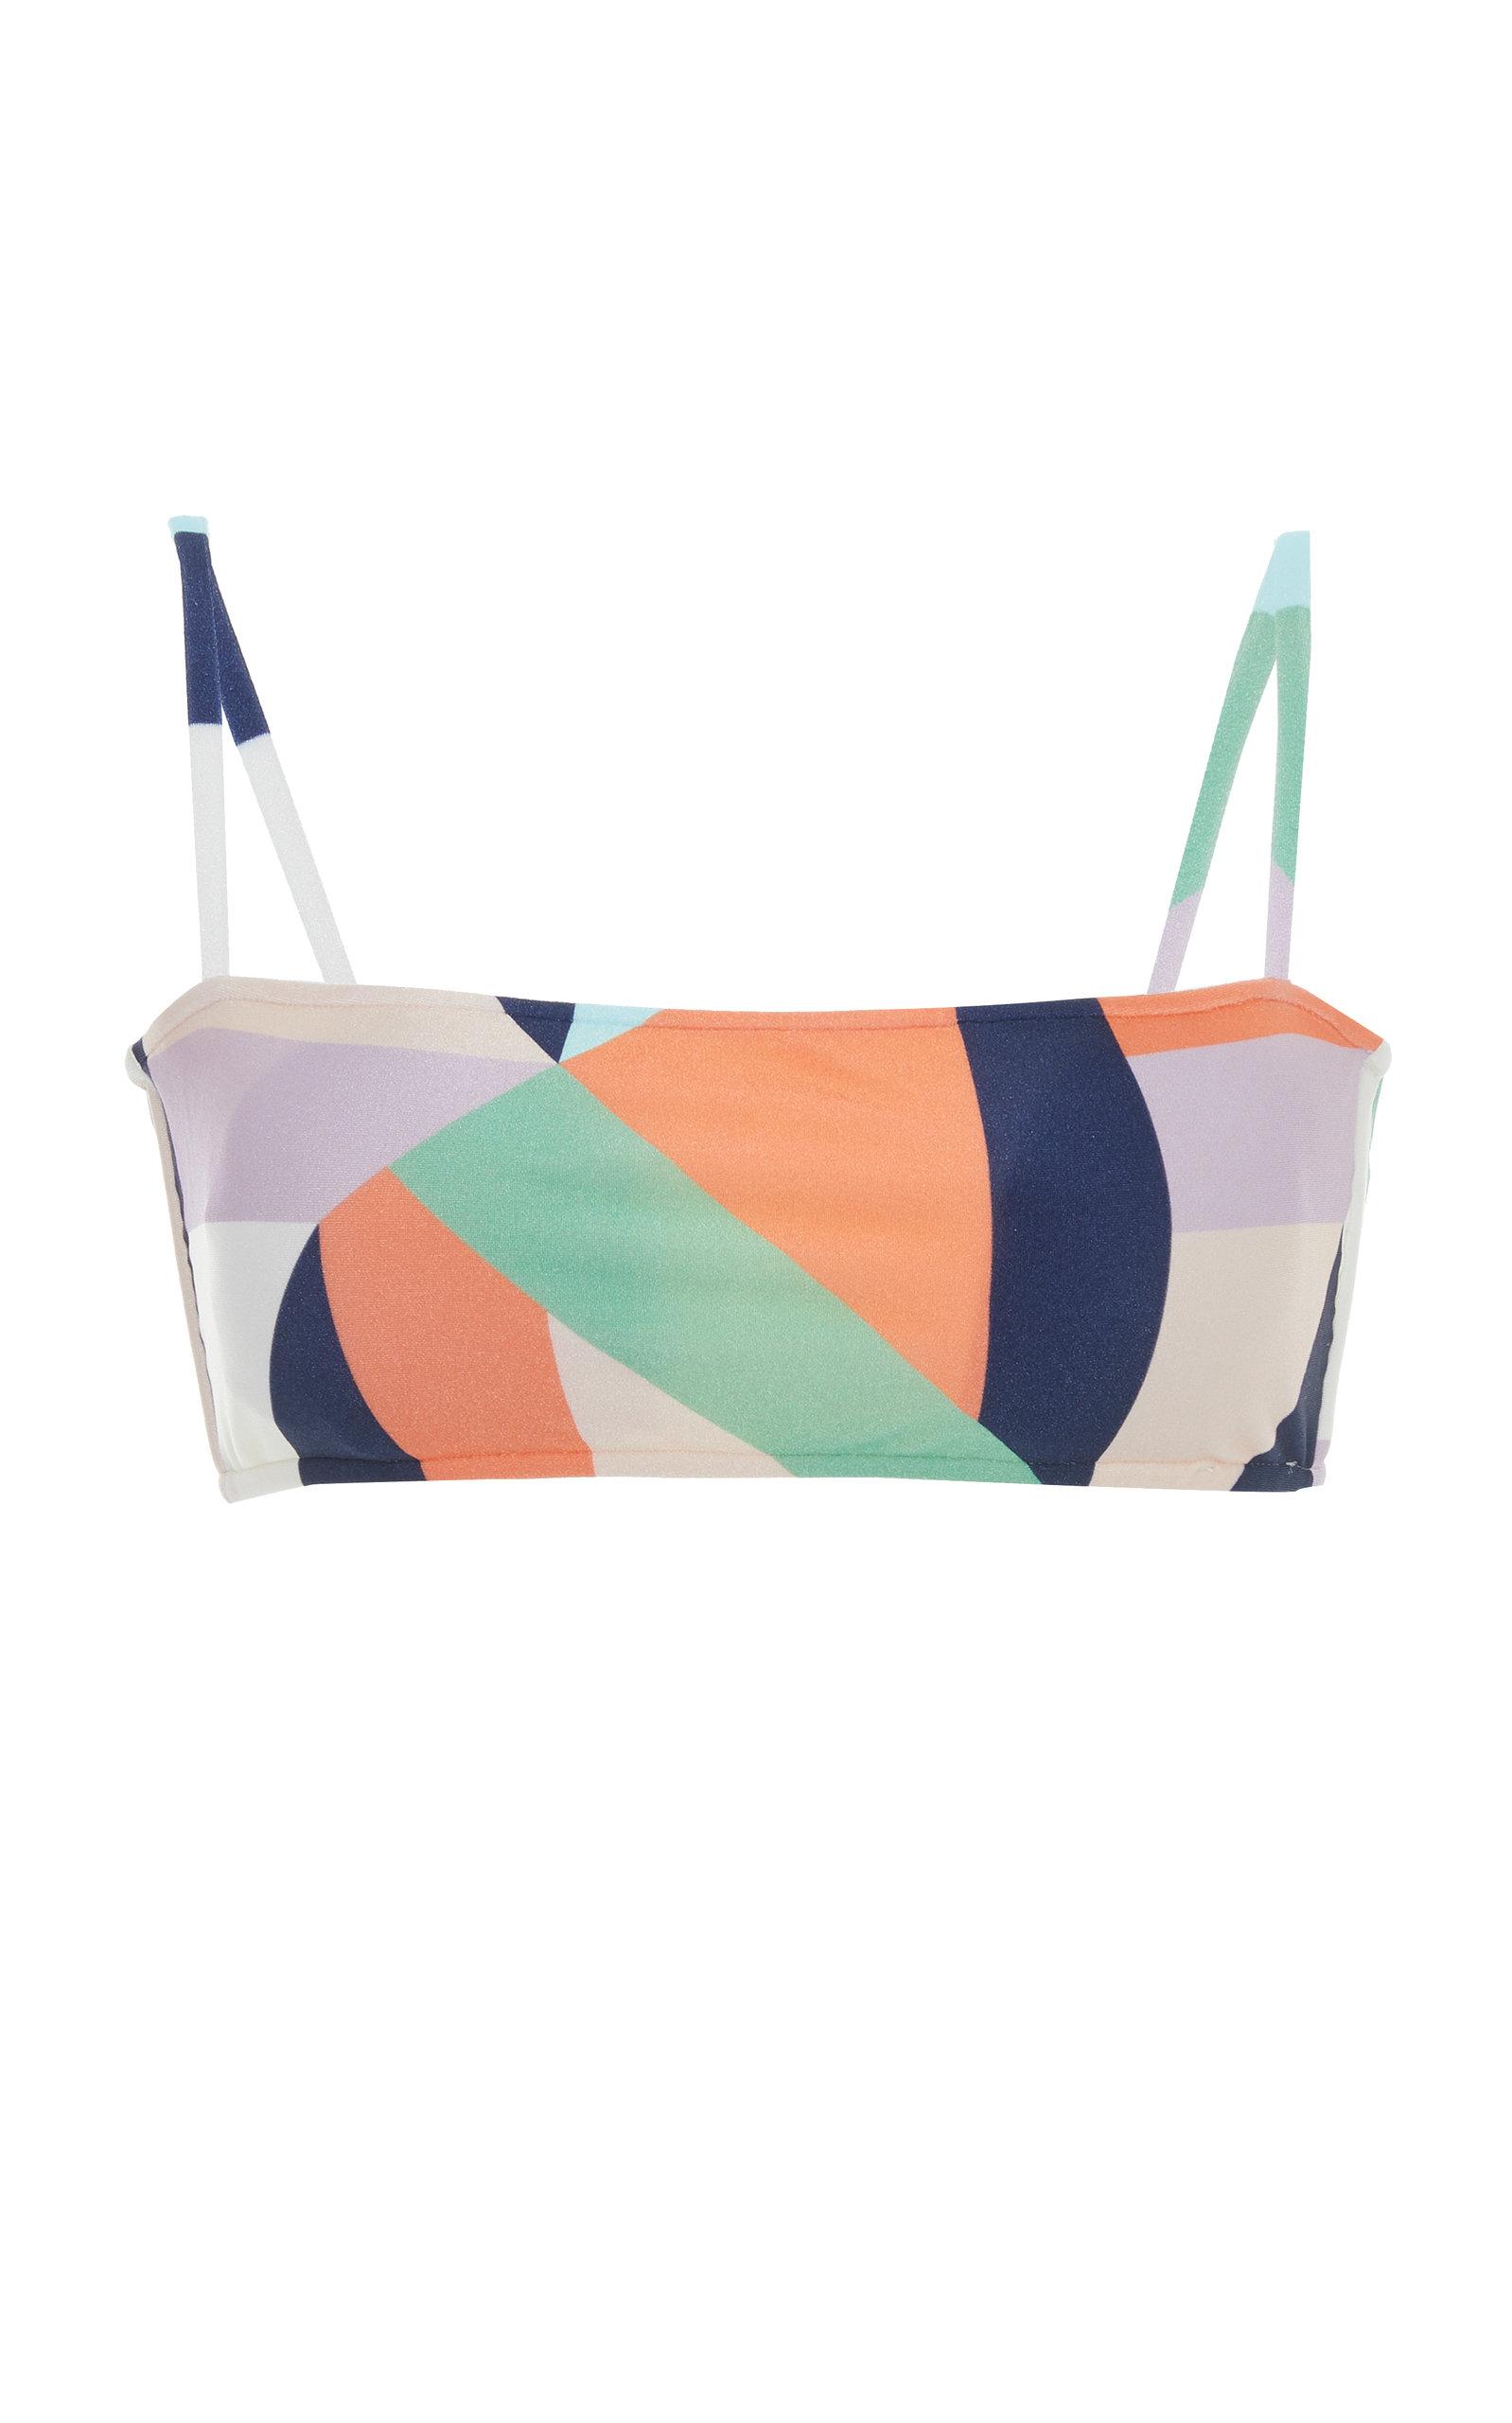 Salinas Graphic Bikini Top Meilleur Endroit La Vente En Ligne Livraison Rapide Vente 100% D'origine h1OnG